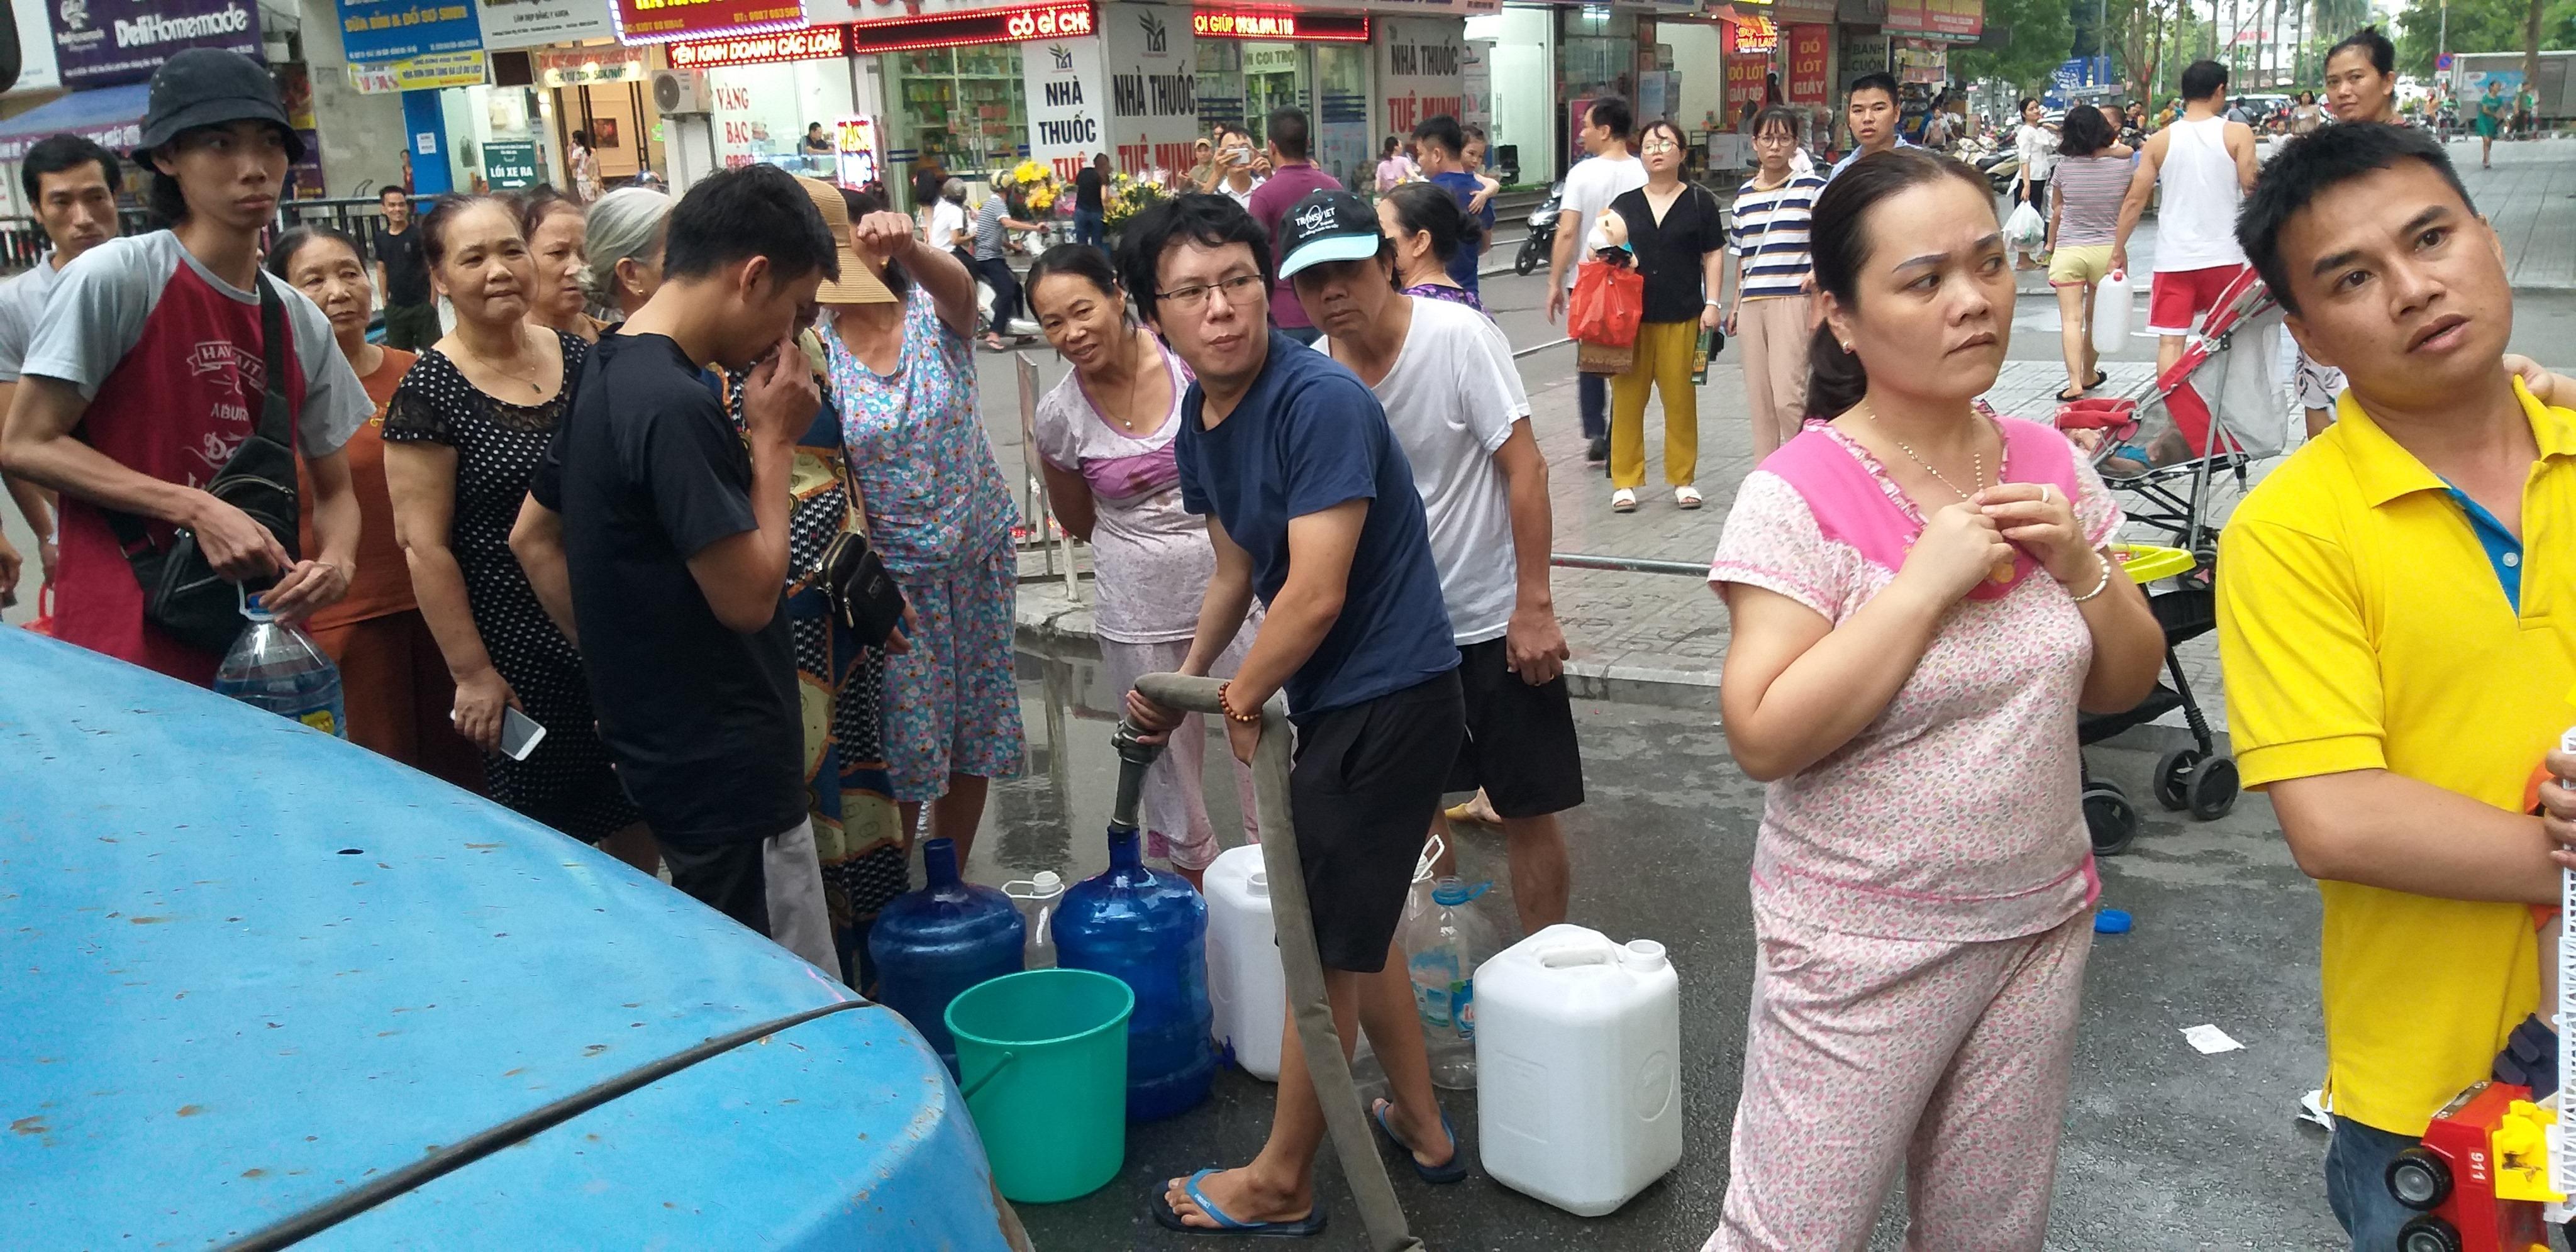 Hàng trăm cư dân Linh Đàm xếp hàng nhận nước sạch, chờ kết quả xét nghiệm